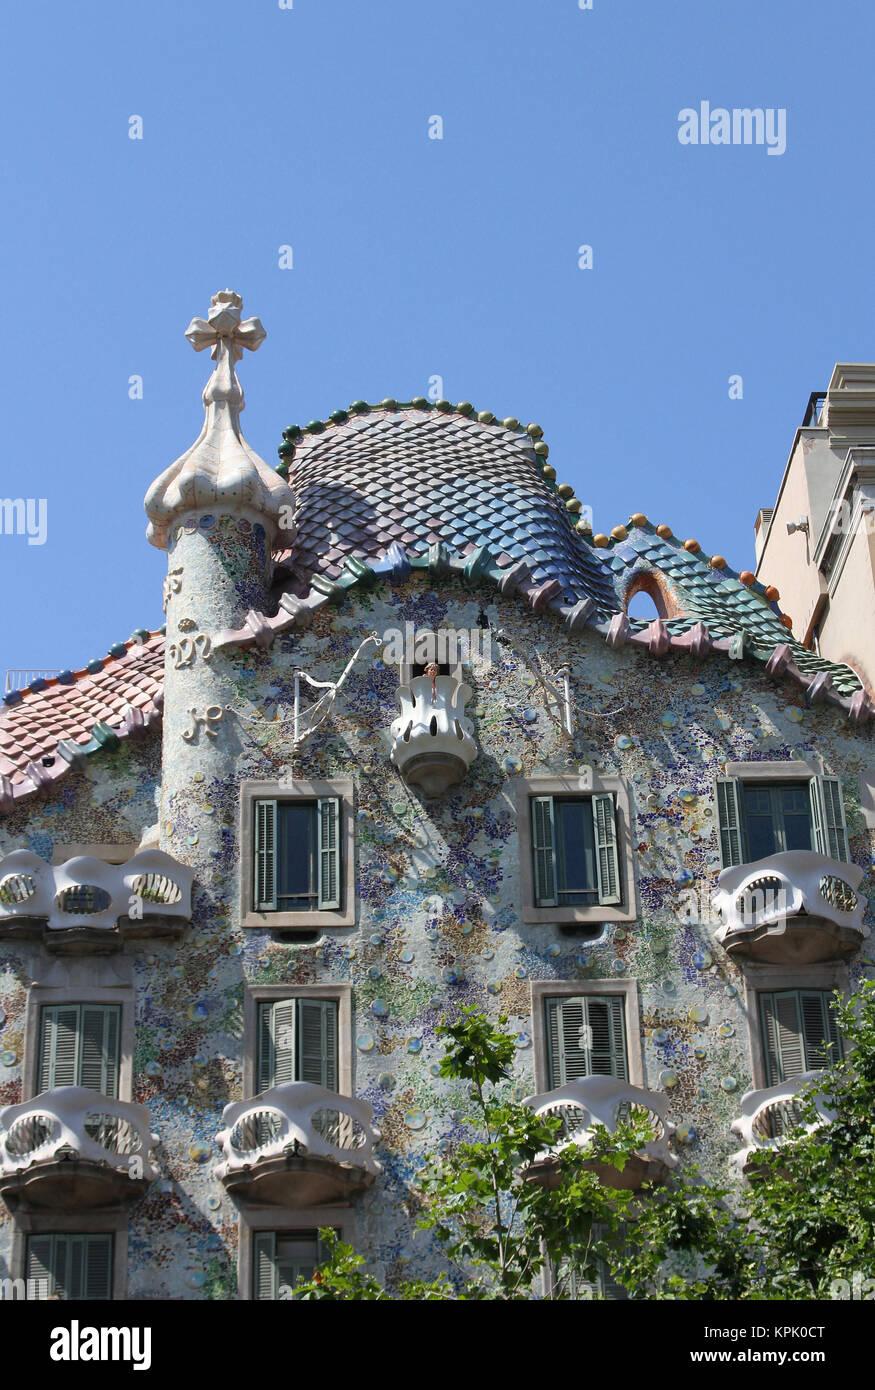 Casa Batlló, Casa dels ossos (House of Bones), Barcelona, Spain. - Stock Image